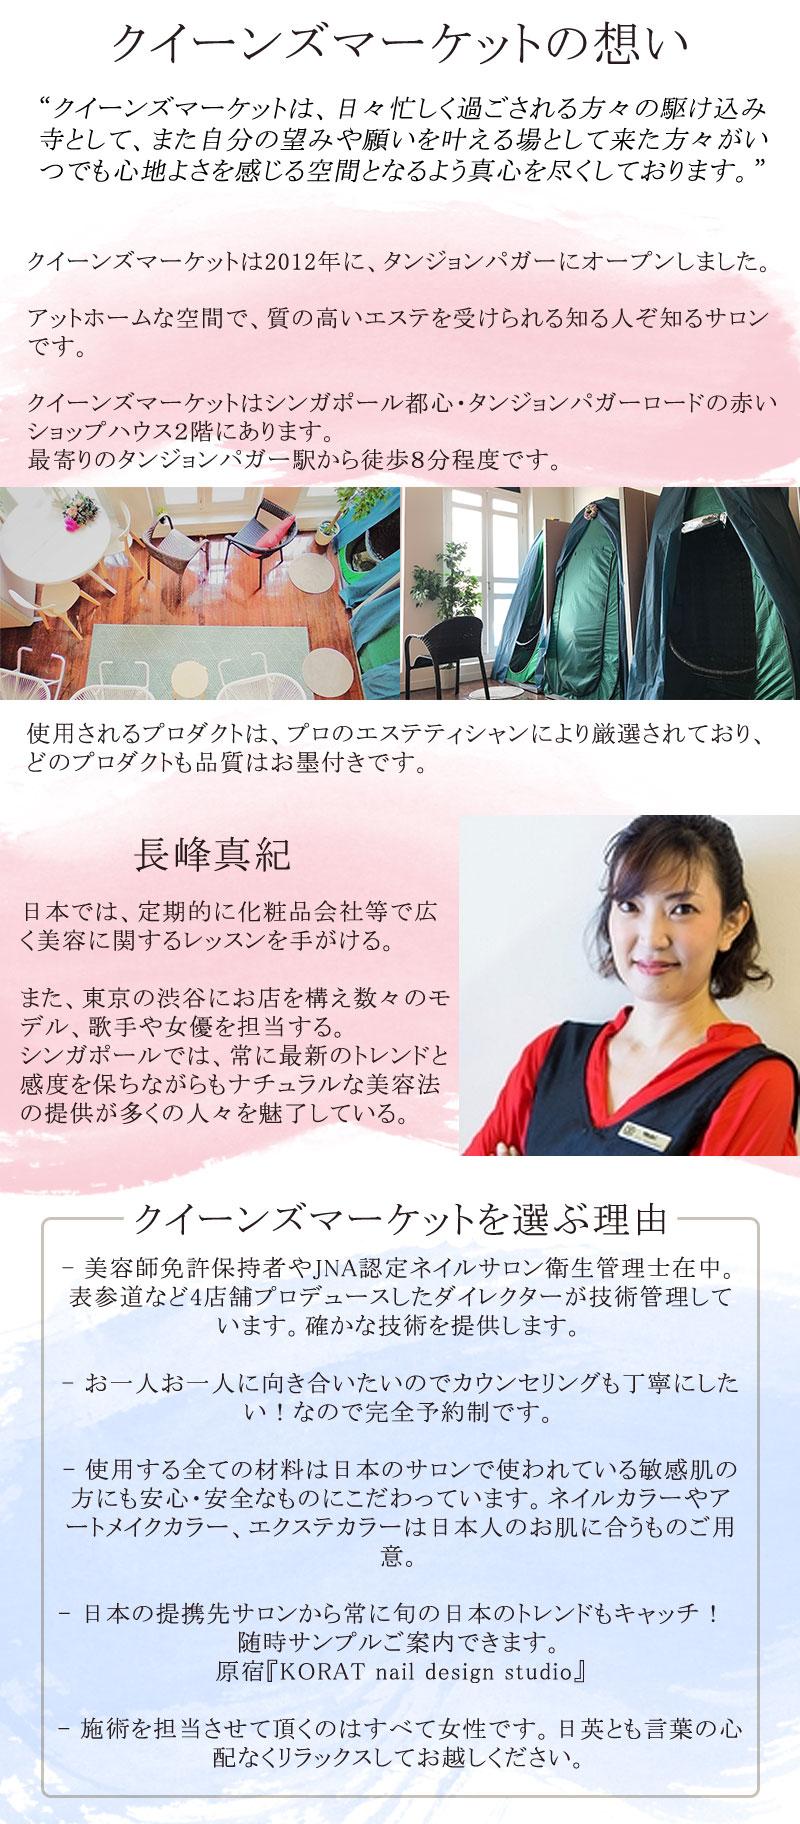 jpa_about.jpg